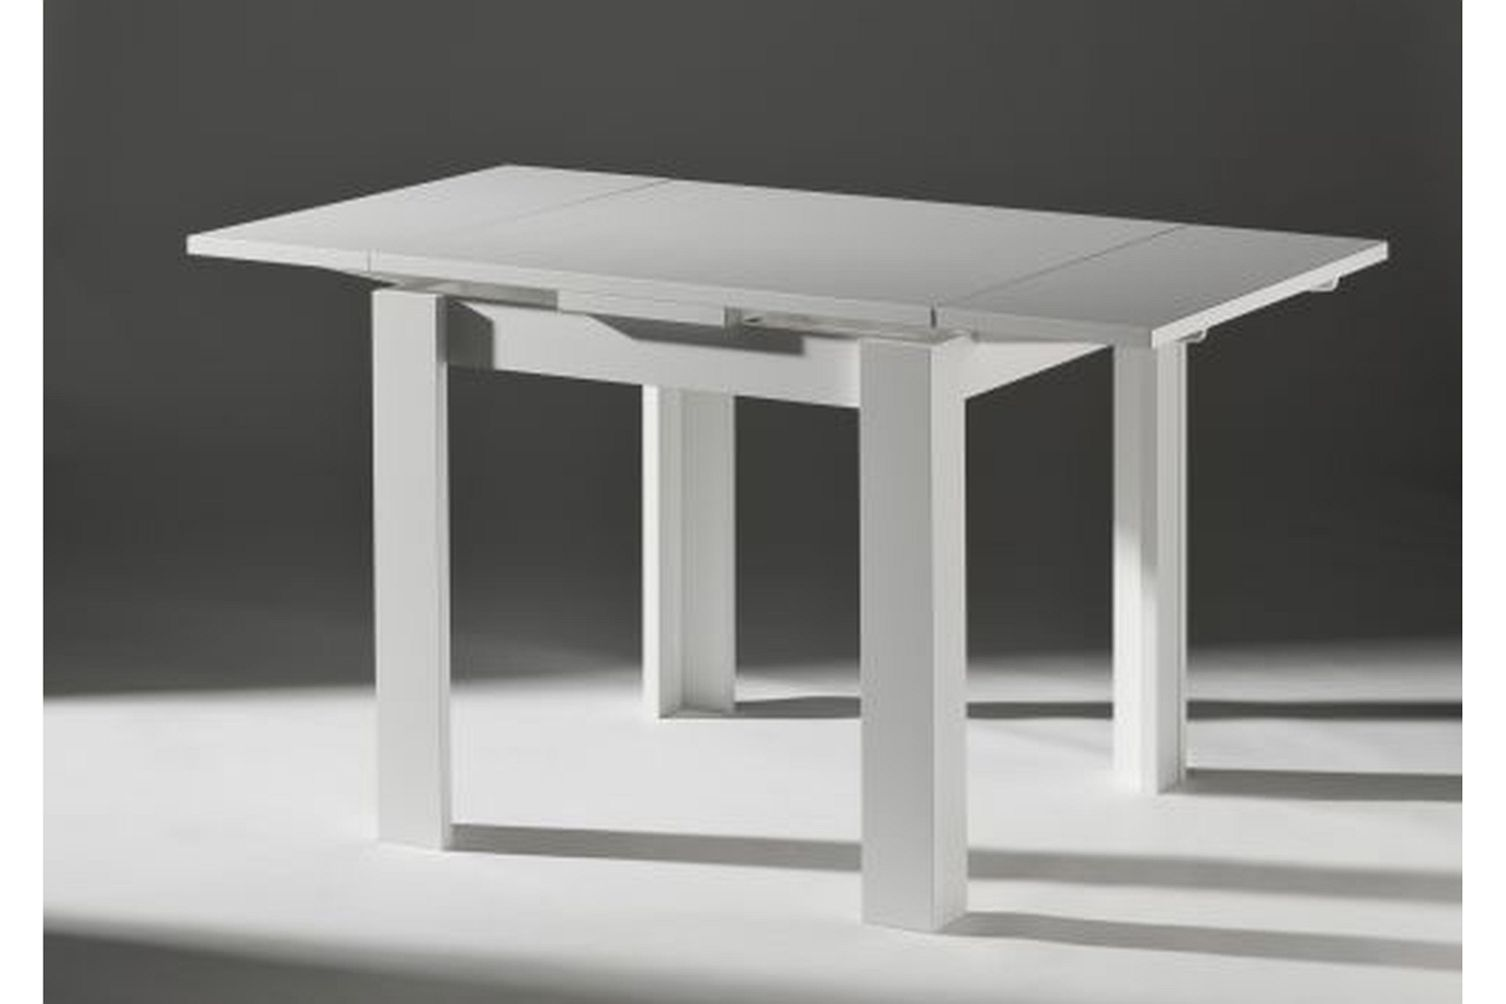 esstisch klein ausziehbar erweiterbar weiss neu modern k chentisch speisetisch ebay. Black Bedroom Furniture Sets. Home Design Ideas